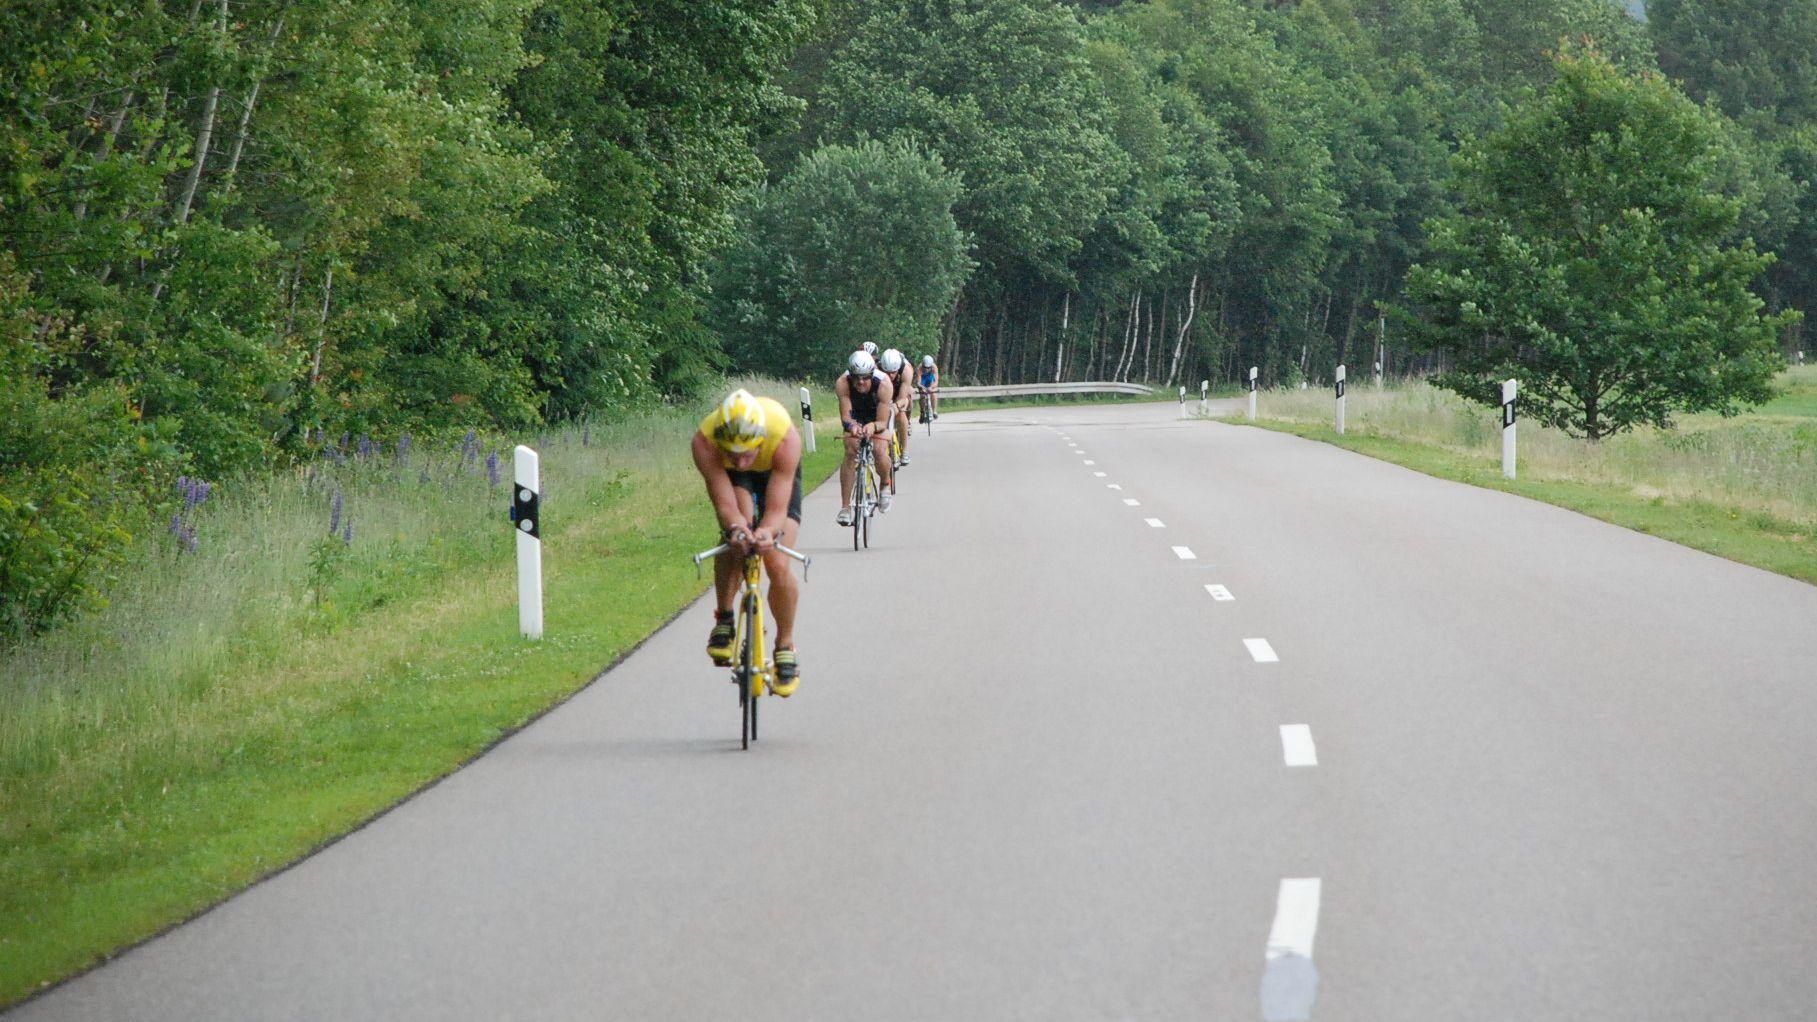 Abstand halten ist beim Triathlon wie hier am Chiemsee obligatorisch: Zehn Meter müssen die Athleten auf dem Fahrrad einhalten.